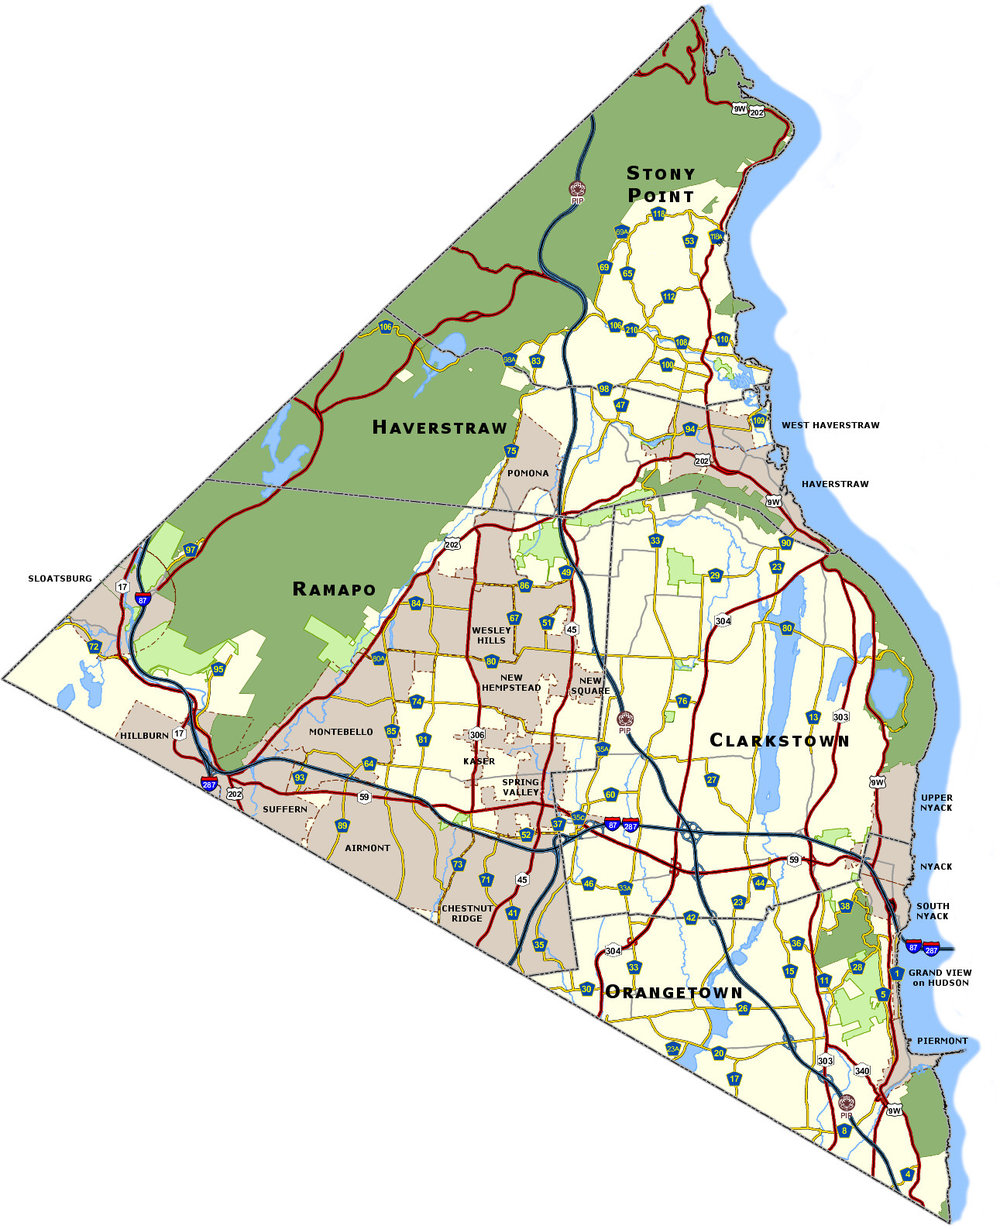 Rockland_County_NY_Map.jpg